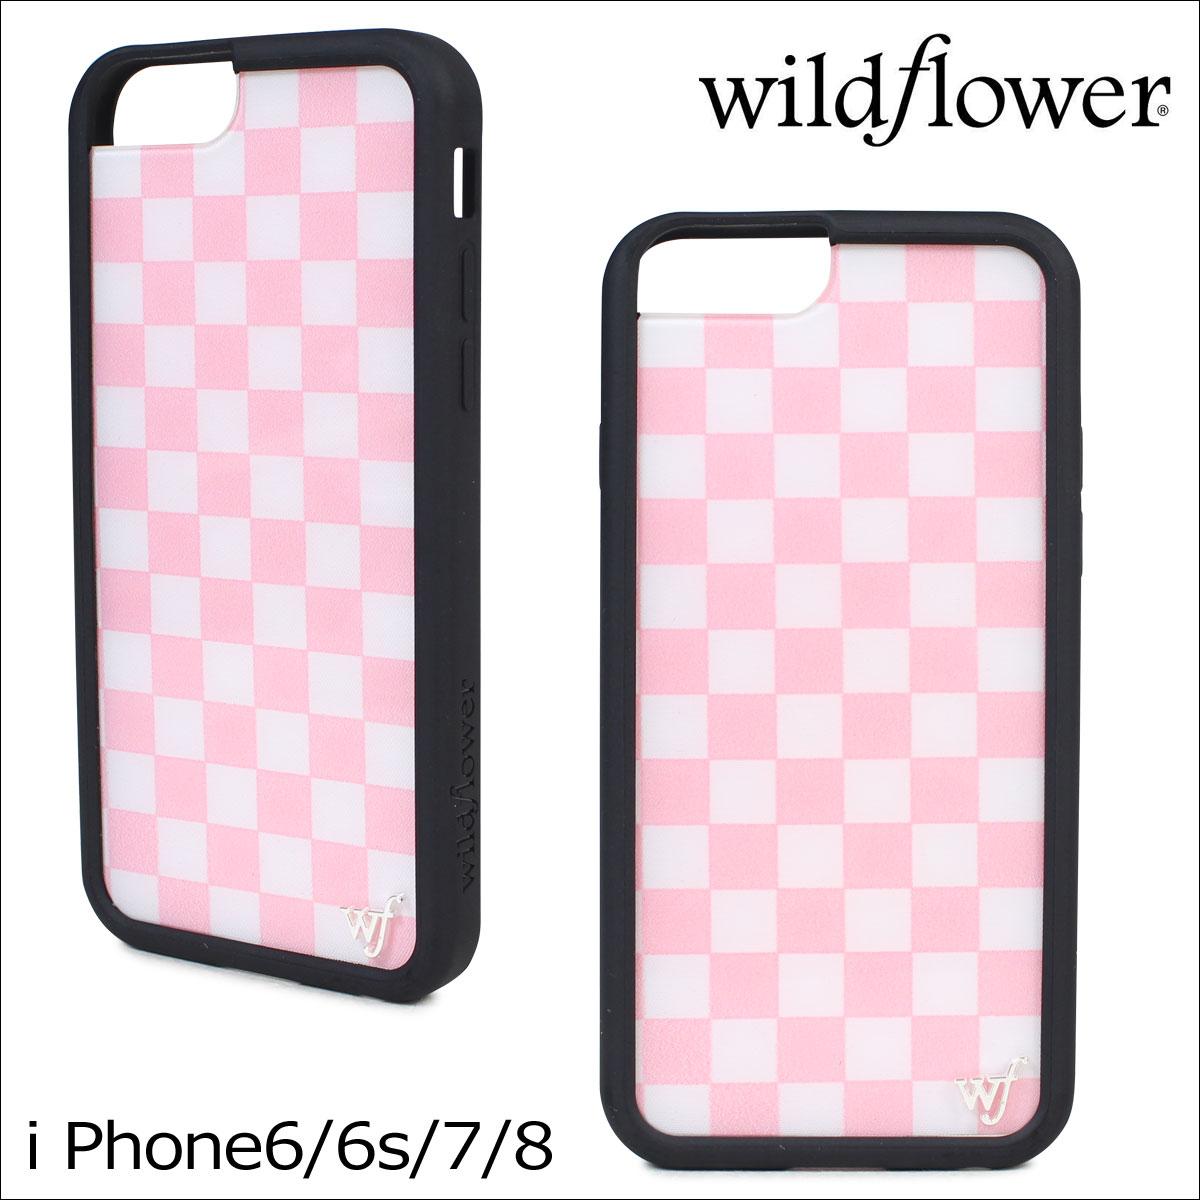 wildflower ワイルドフラワー iPhone8 SE 7 6 6s ケース スマホ 携帯 アイフォン レディース チェッカー ピンク PCHE ネコポス可